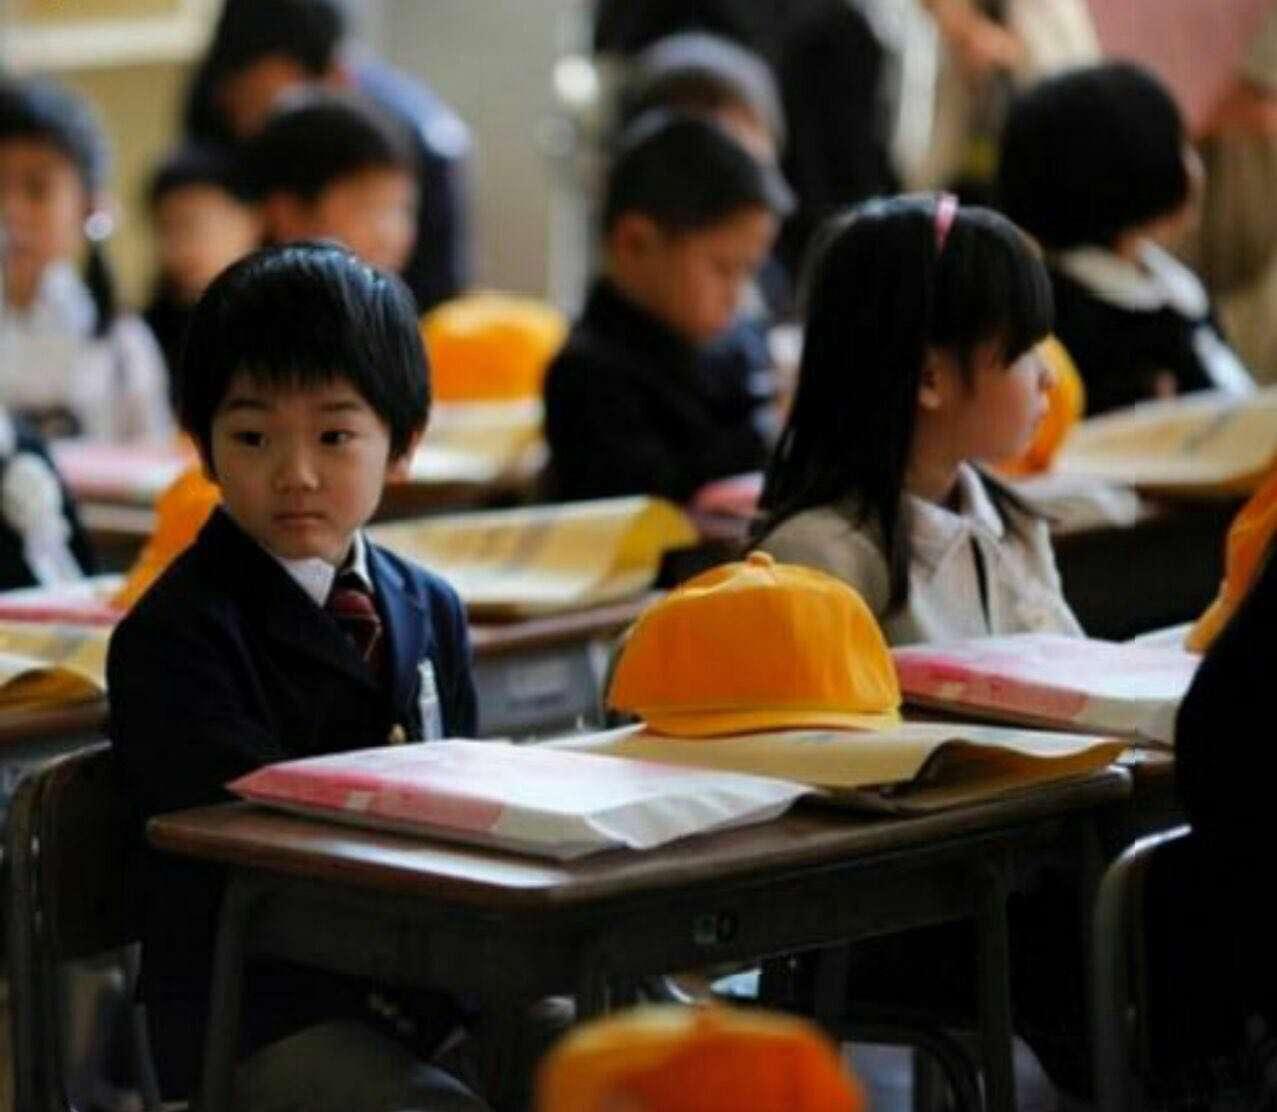 دانش آموزان ژاپنى تا کلاس چهارم هیچ امتحانى نمى دهند و فقط به یادگیرى عادات و رفتارهاى اجتماعى مى پردازند.